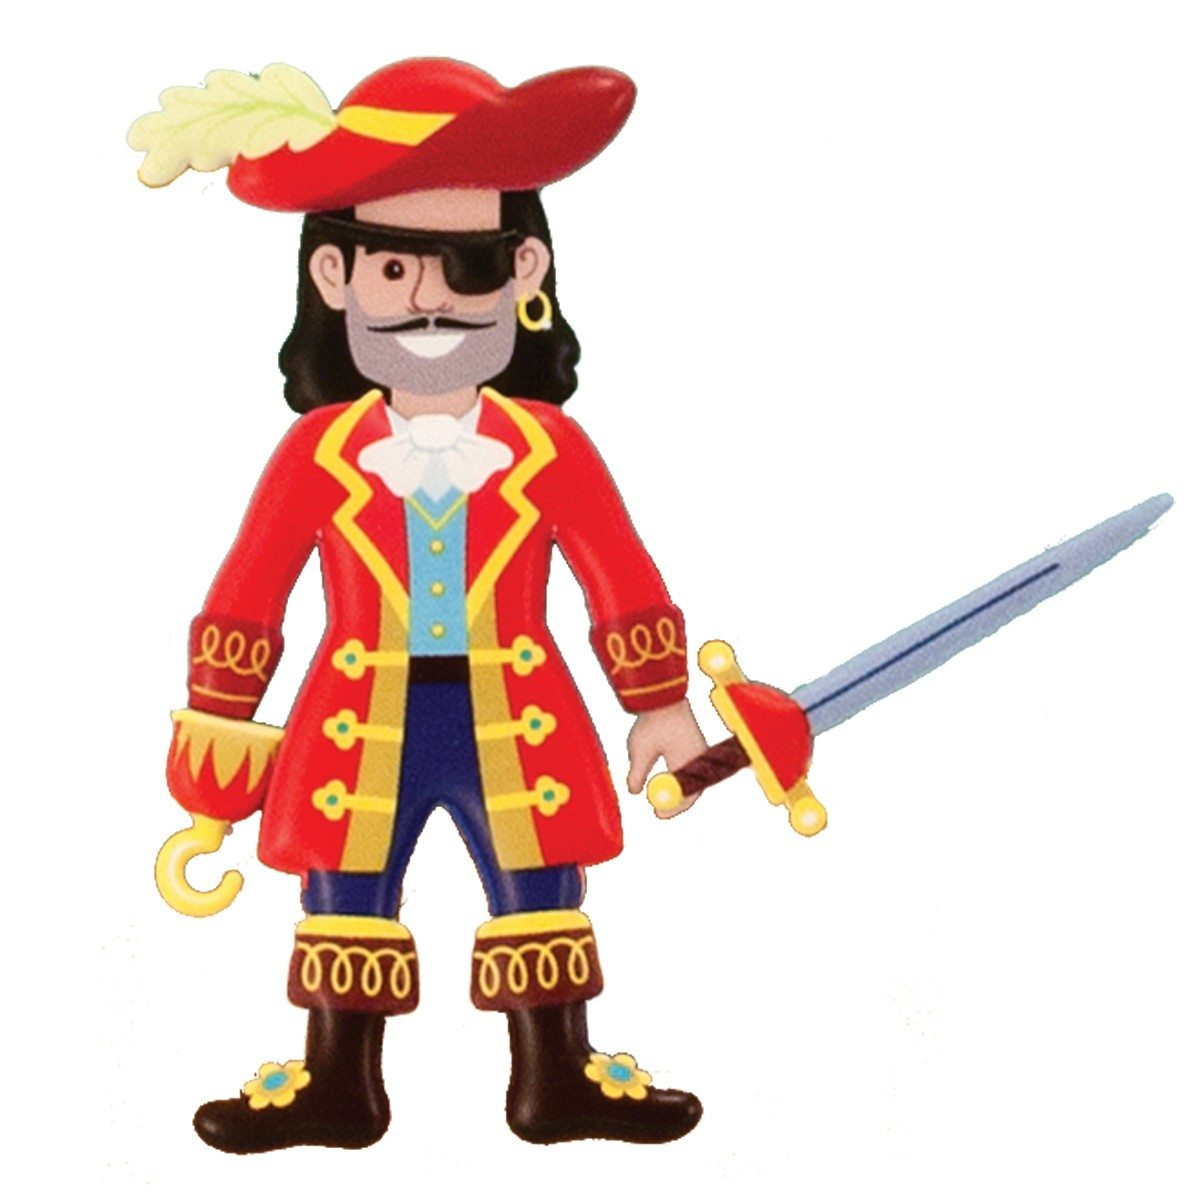 Klistermærkesæt med pirater